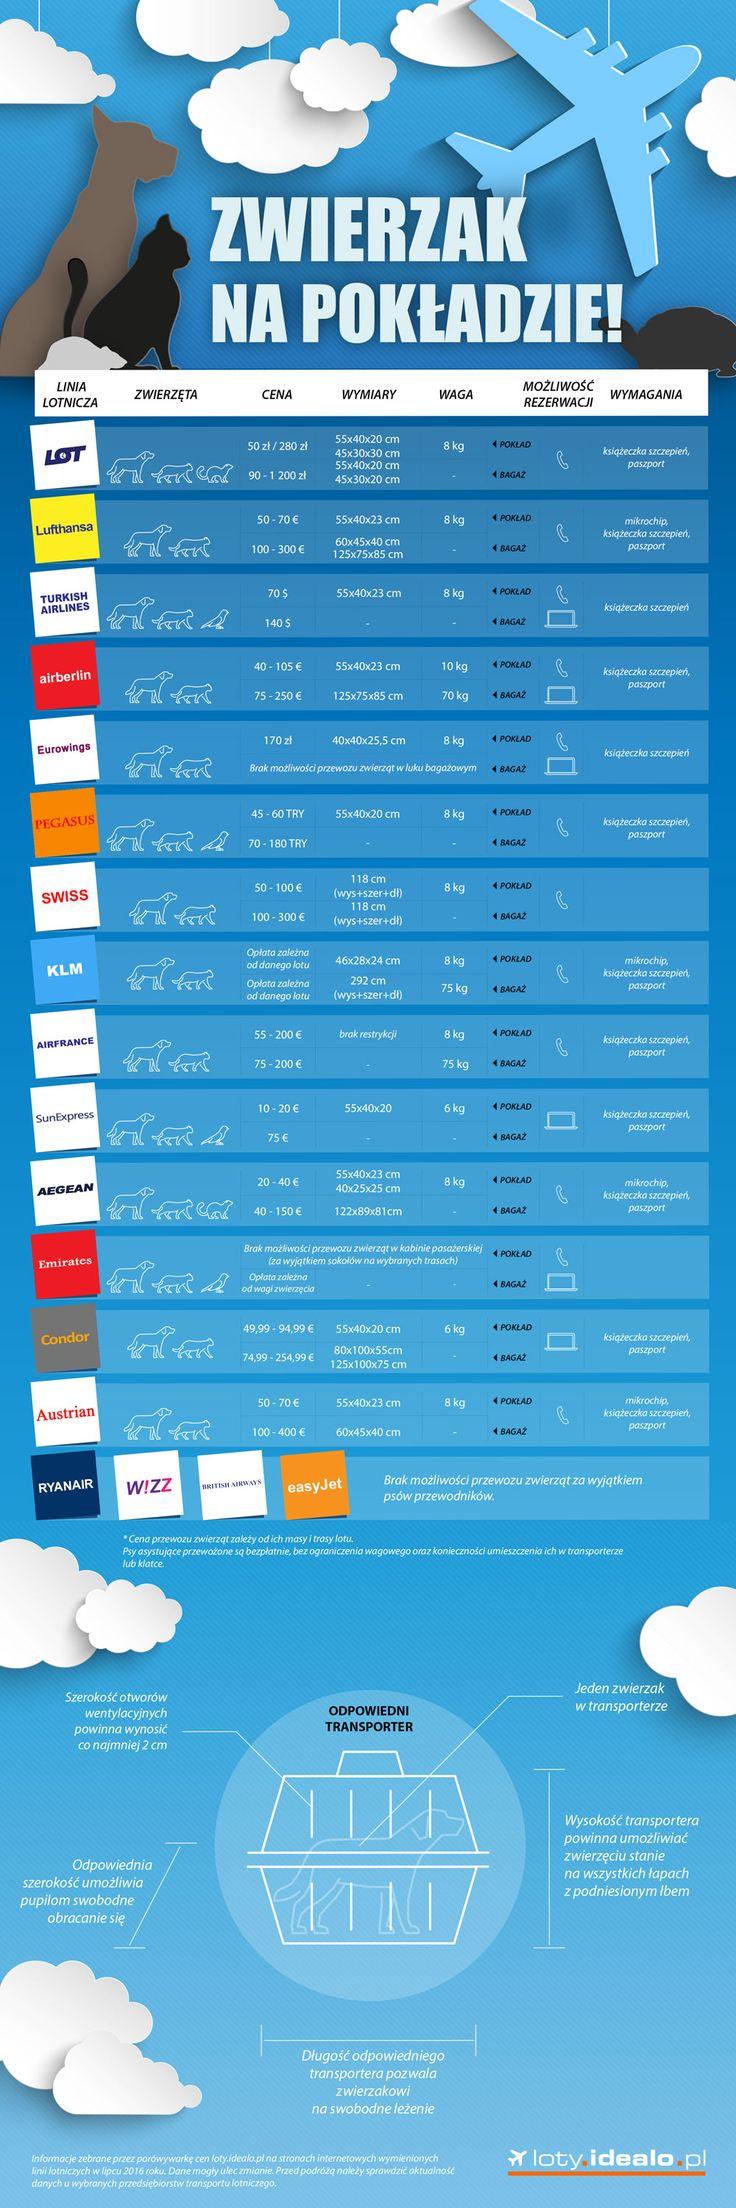 Jeśli planujecie podróż samolotem ze swoim zwierzakiem, koniecznie sprawdźcie naszą infografikę. 🐶 🐱 Dowiecie się, którymi liniami lotniczymi przewieziecie pupila najwygodniej i najkorzystniej: http://bit.ly/2bbCZaA